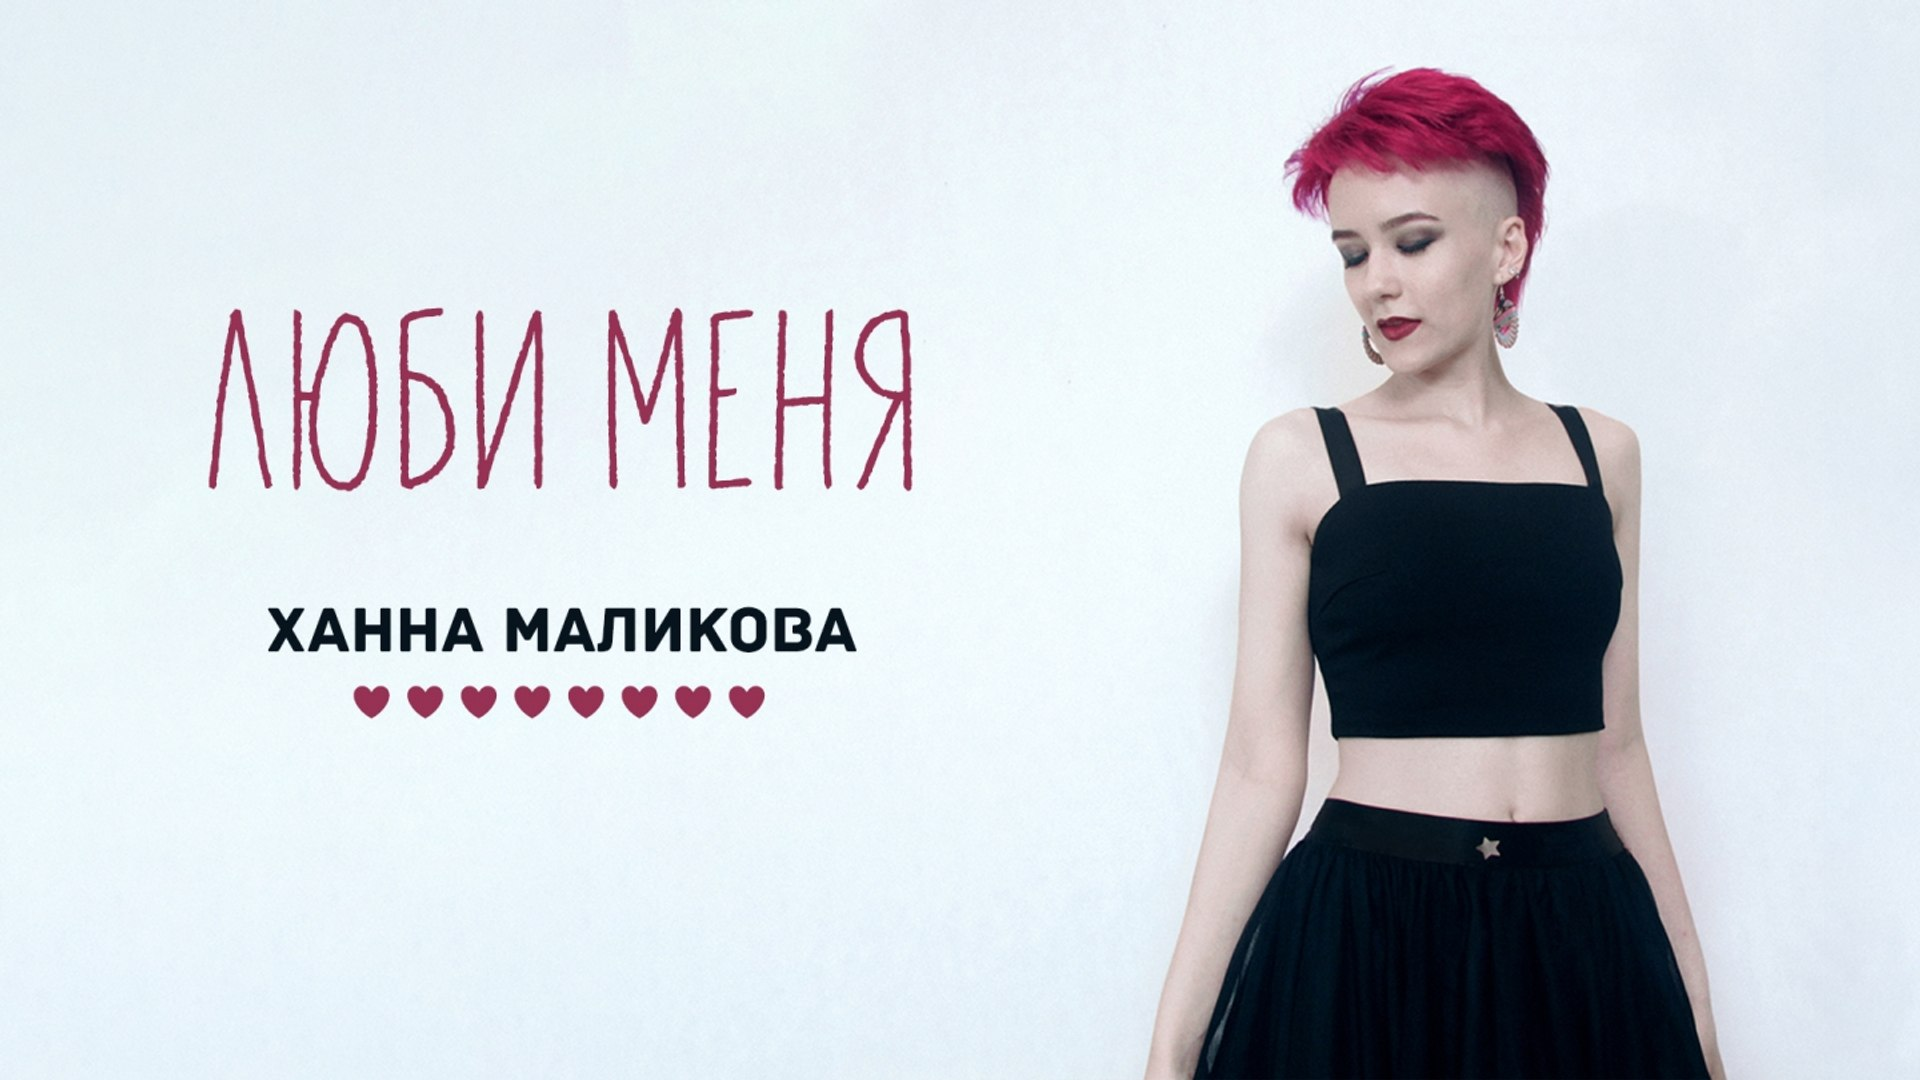 Ханна Маликова - Люби меня (official audio album)